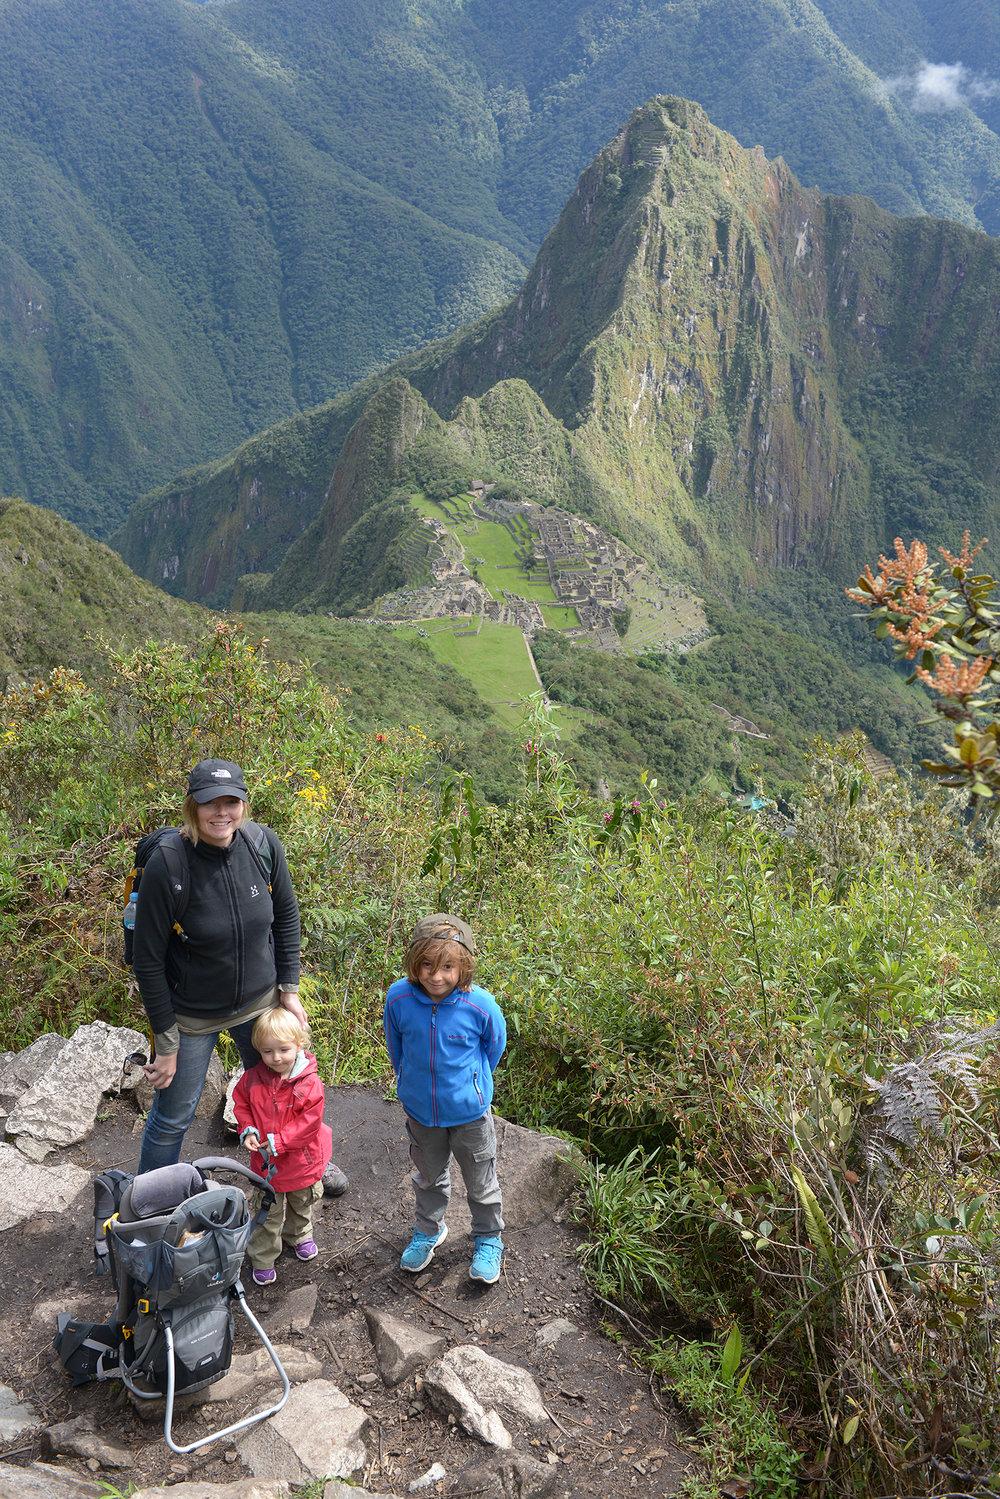 Peru, Etelä-Amerikka, perhematkailu, lapsiperhematkailu, matkablogi, matka, reissu, kerran elämässä, Machu Picchu